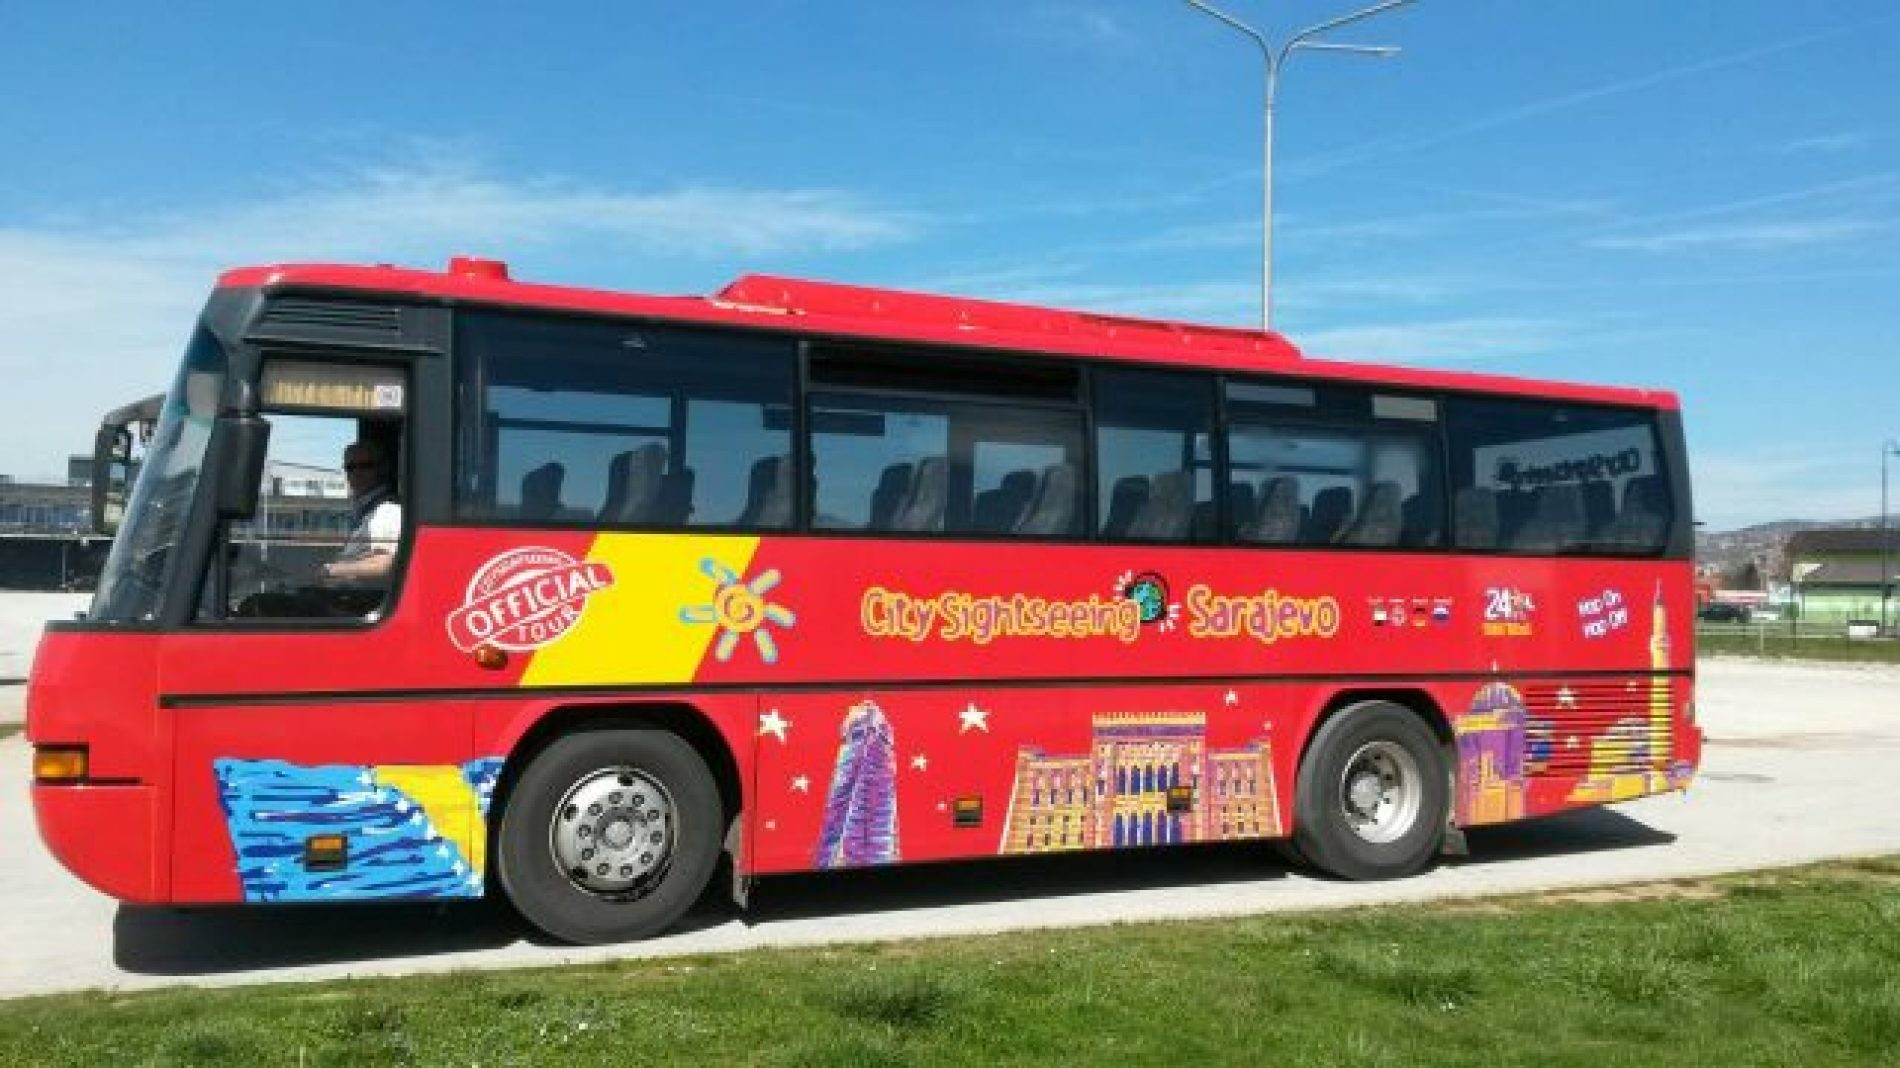 Novina na ulicama Sarajeva: City Sightseeing, turistički autobusi